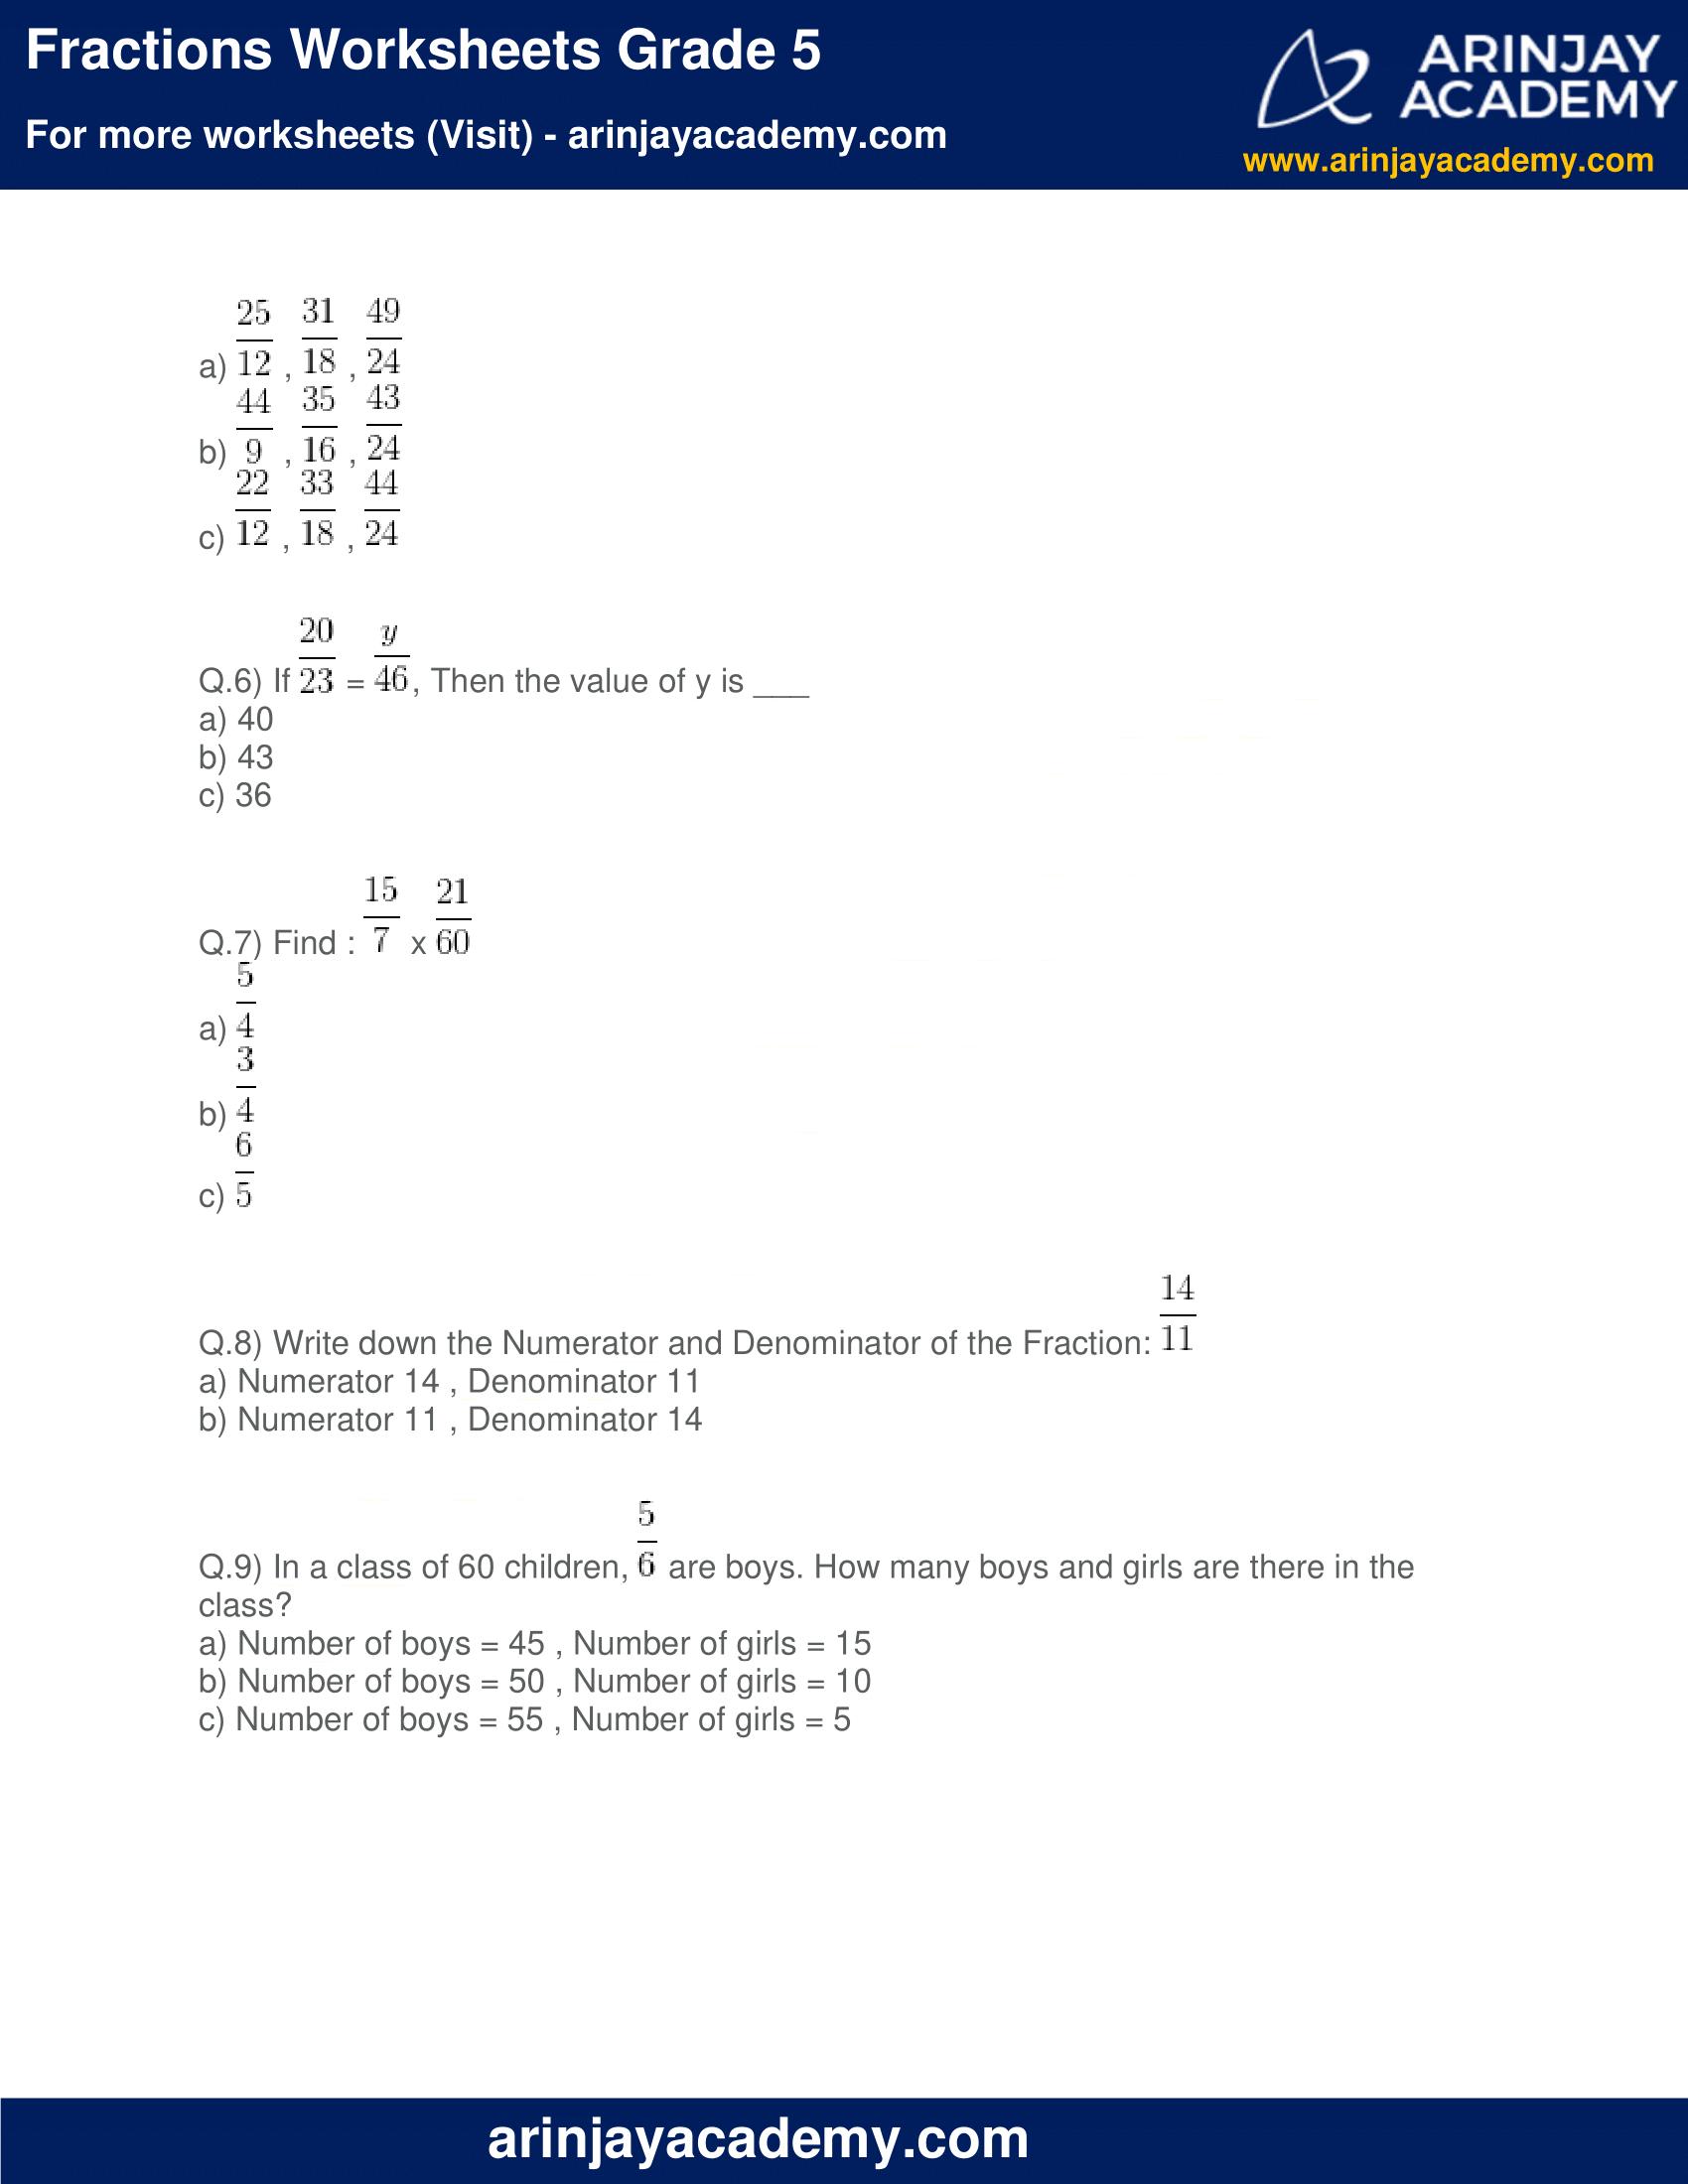 Fractions Worksheets Grade 5 image 2